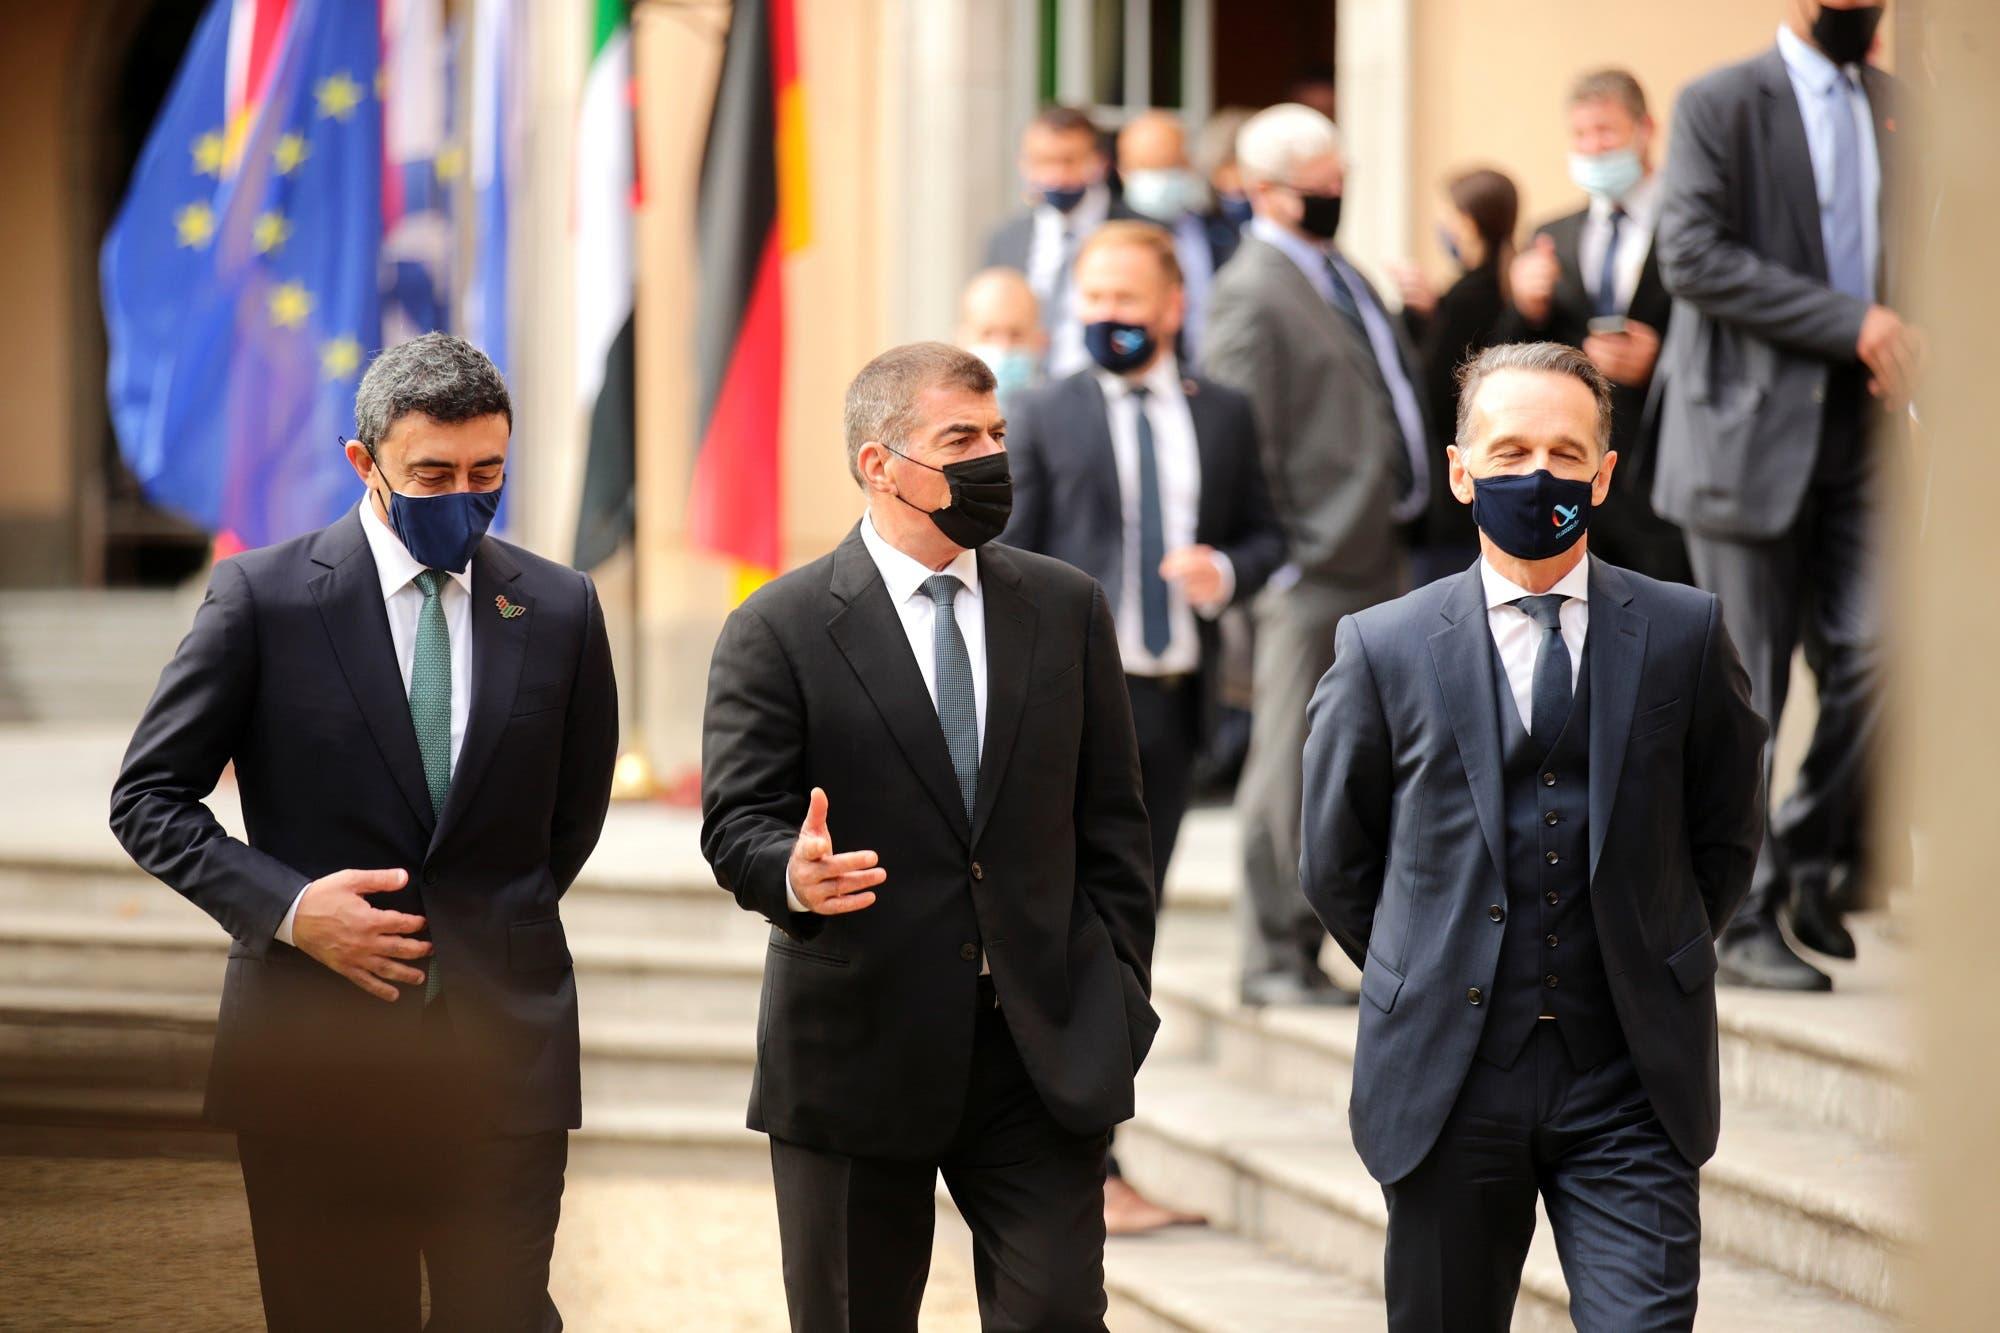 هيكو ماس وغابي أشكنازي وعبدالله بن زايد آل نهيان في برلين الثلاثاء